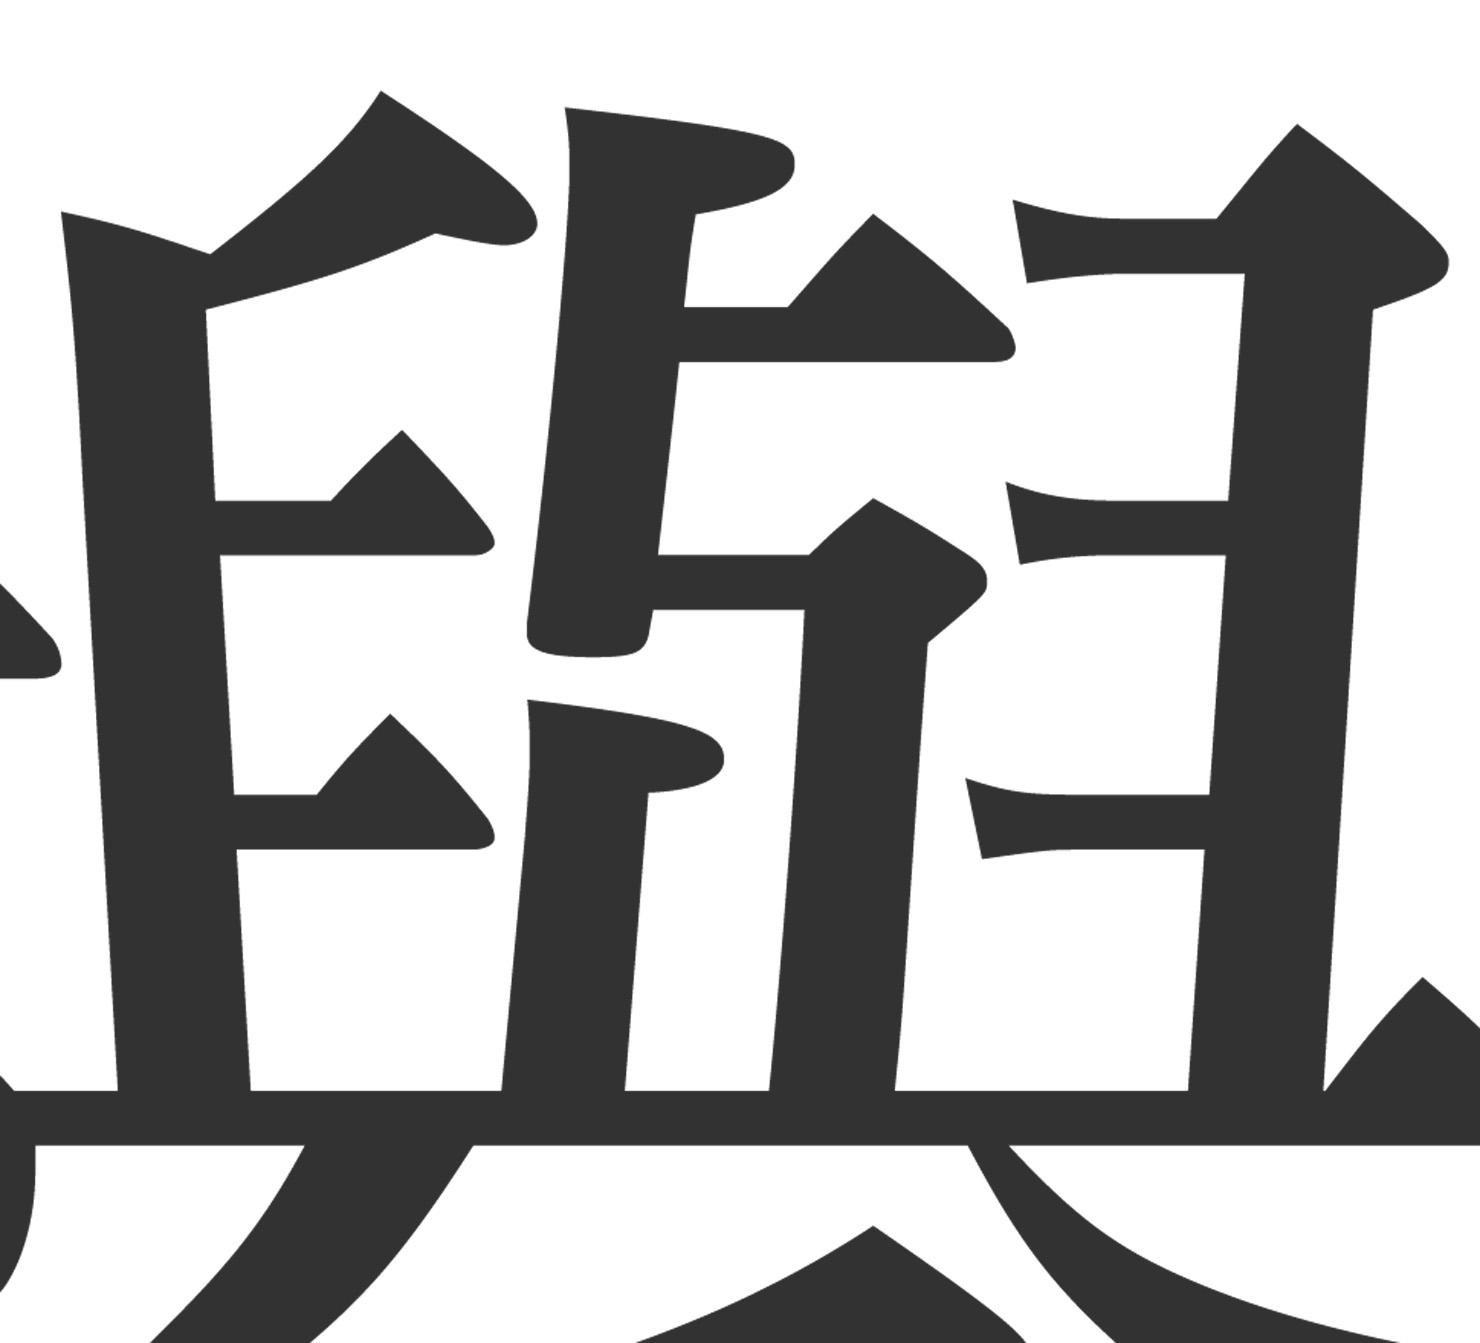 欅の漢字(部分)